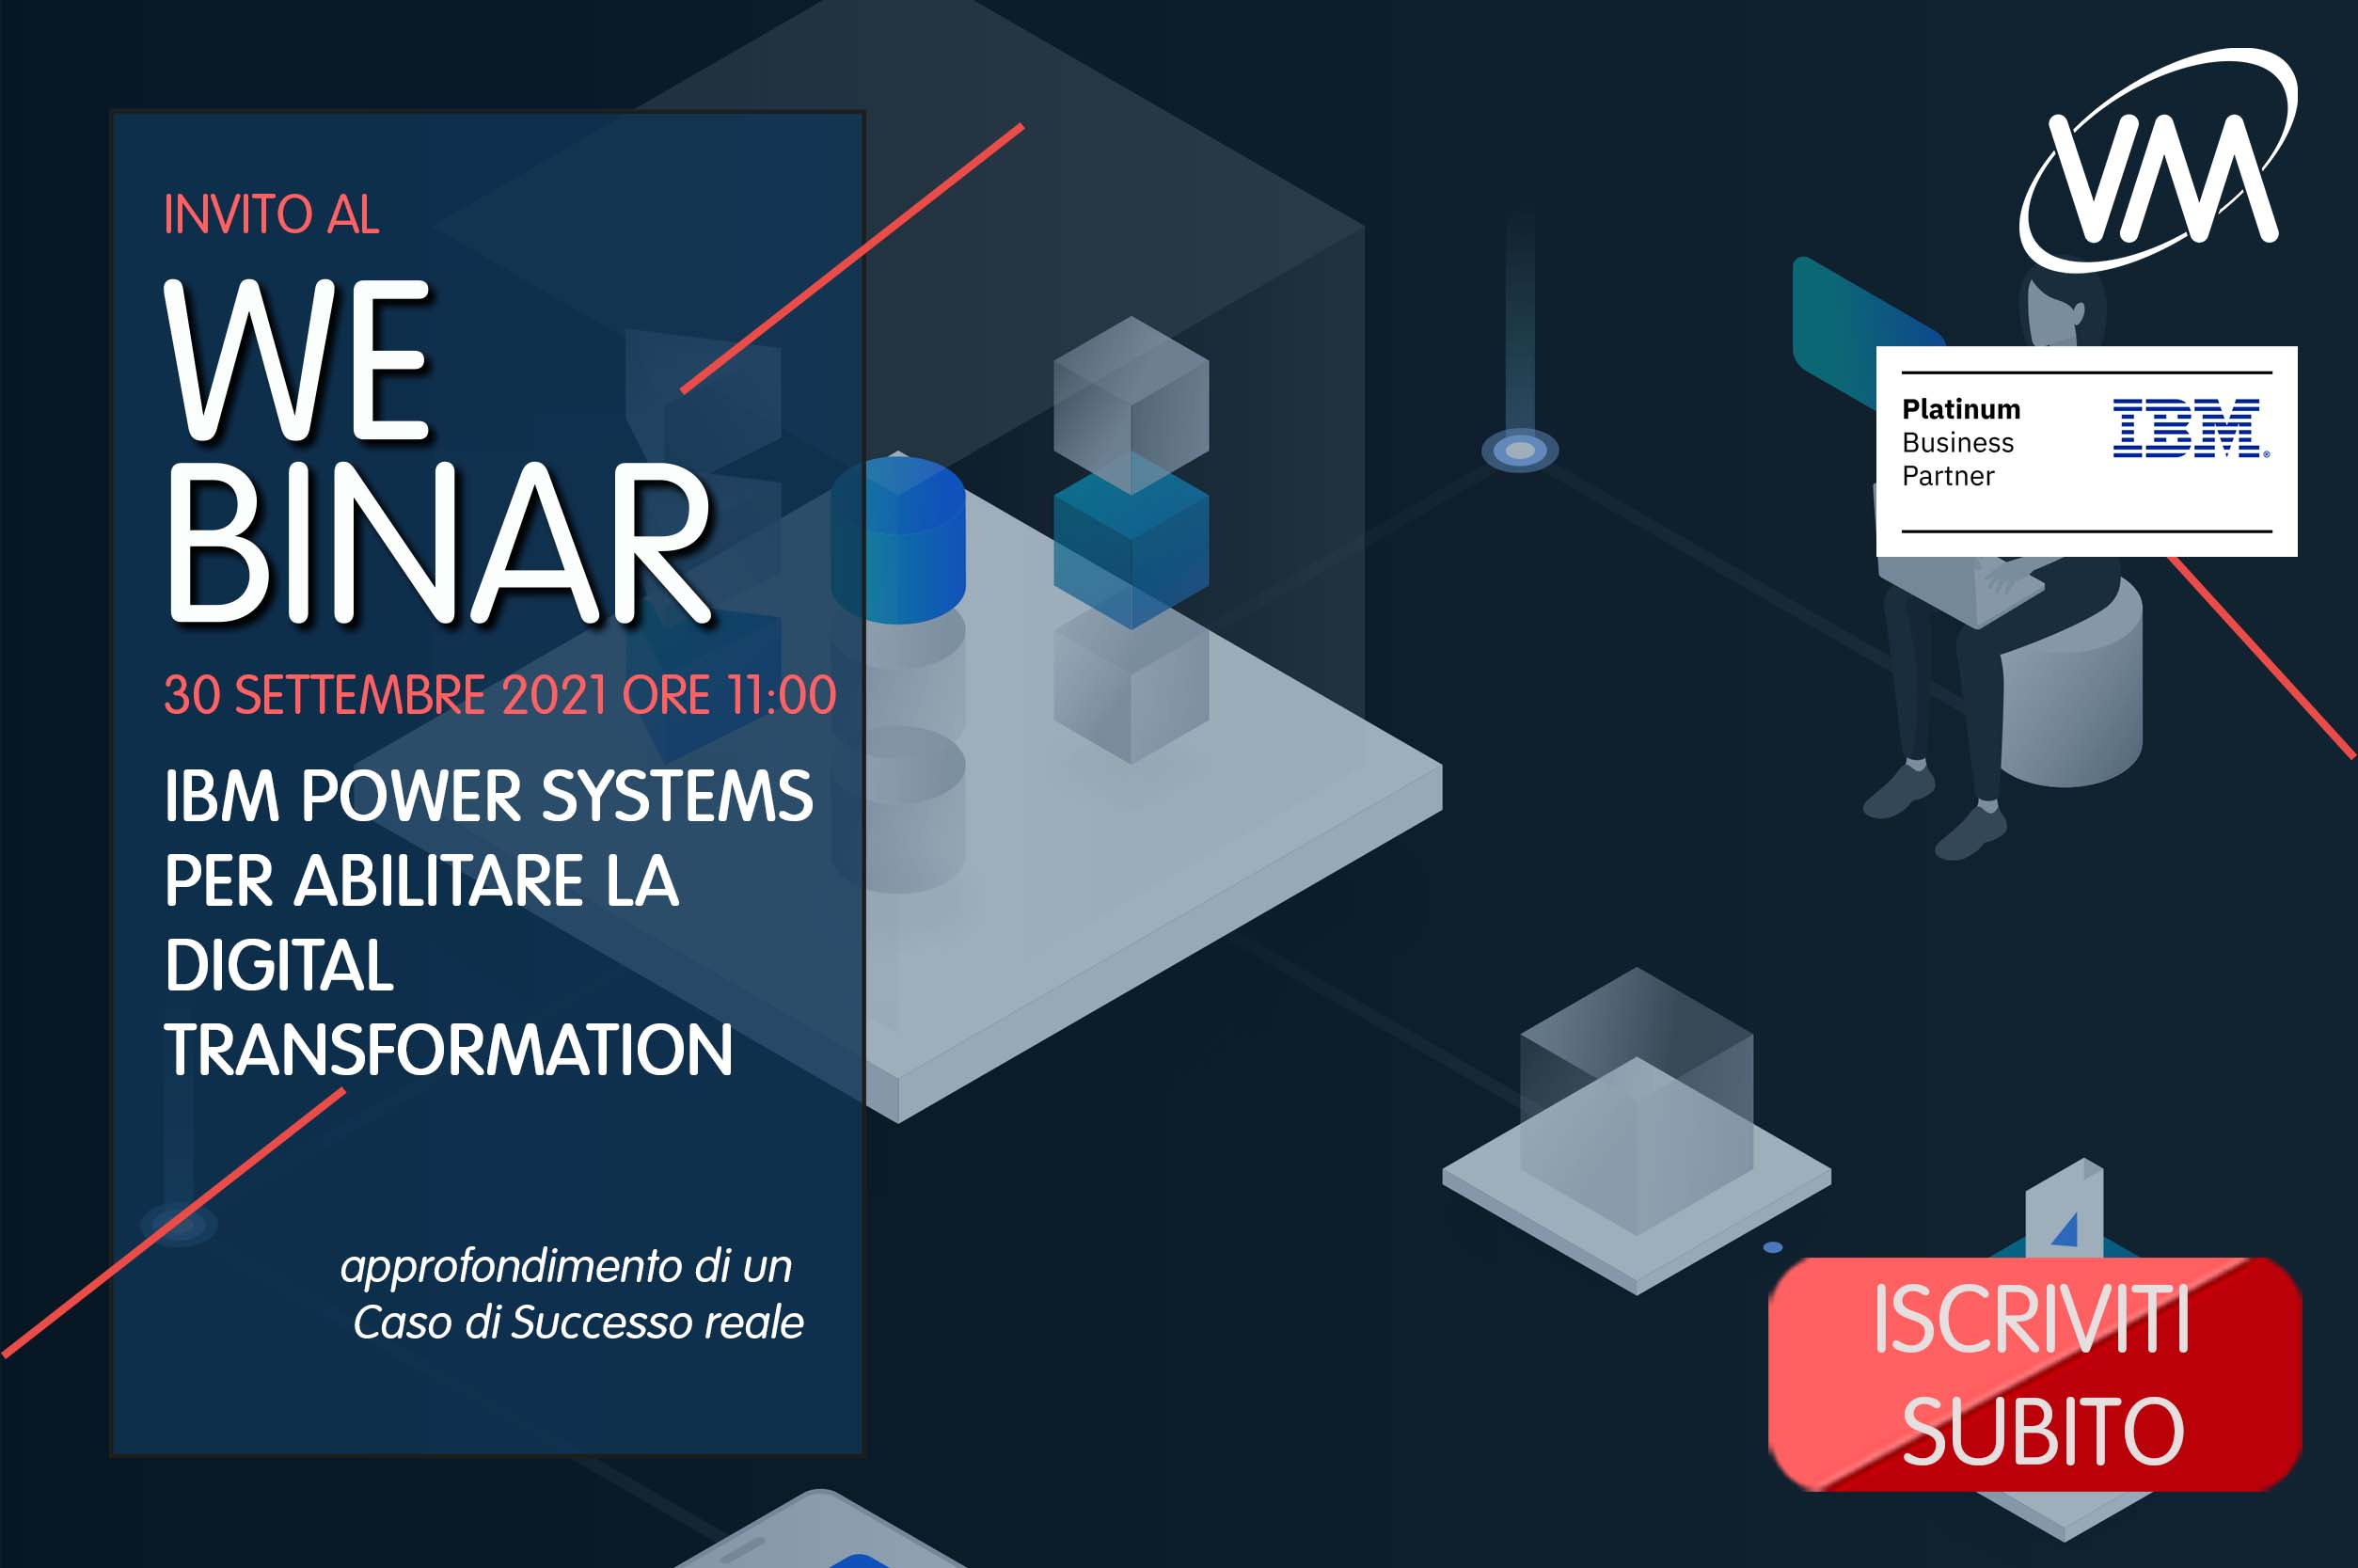 Webinar VM SISTEMI: IBM Power Systems gioca un ruolo chiave nell'abilitare la Digital Transformation